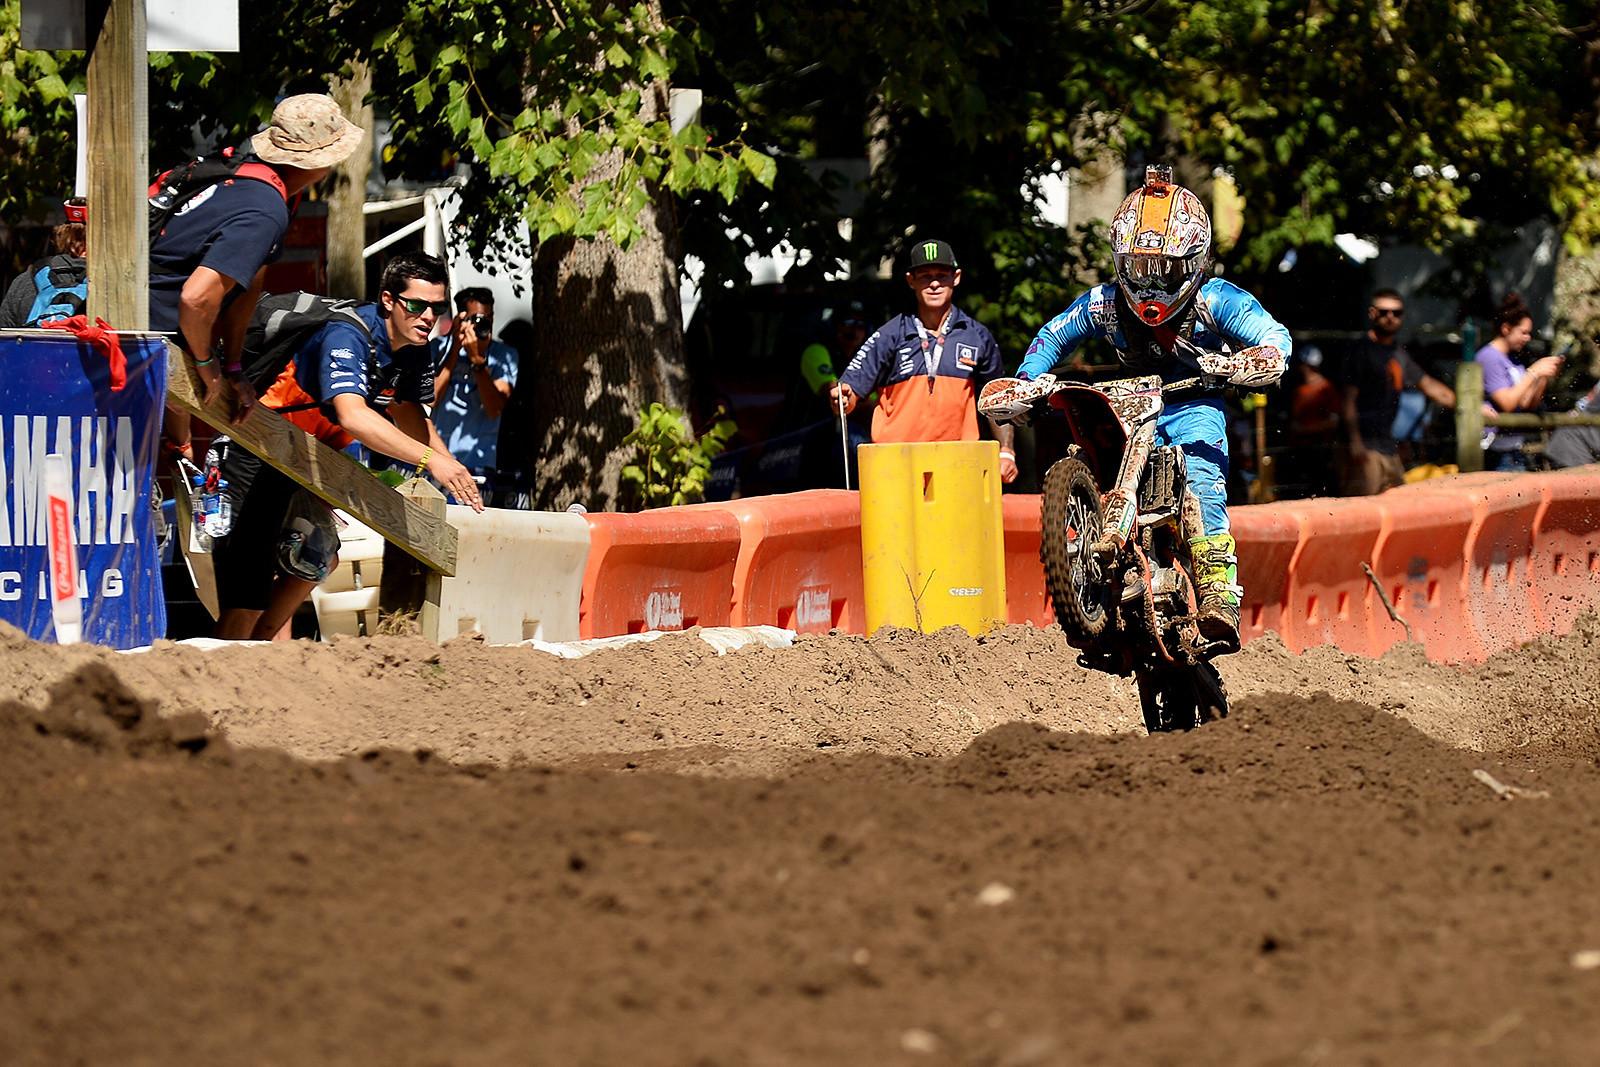 The future looks bright for KTM Orange Brigade's Haiden Deegan.